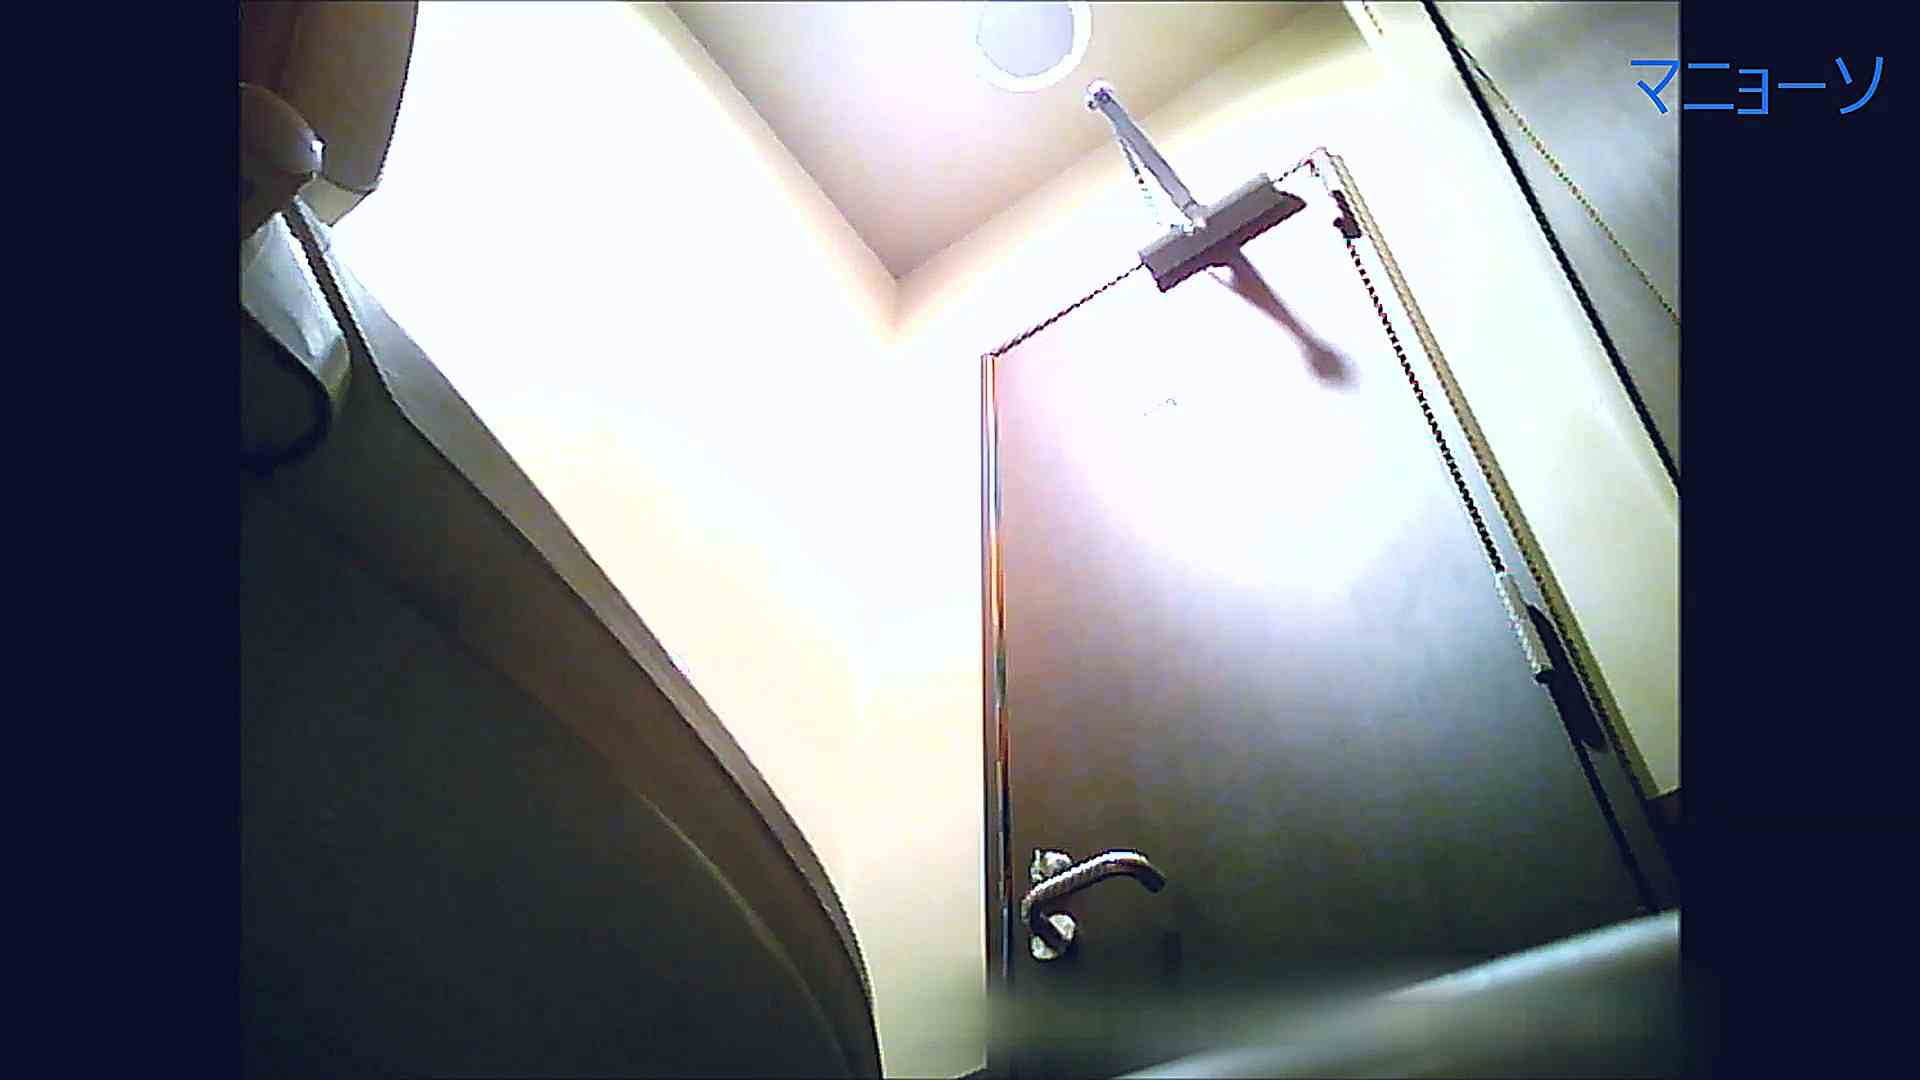 トイレでひと肌脱いでもらいました (OL編)Vol.08 トイレの実態  52PIX 48